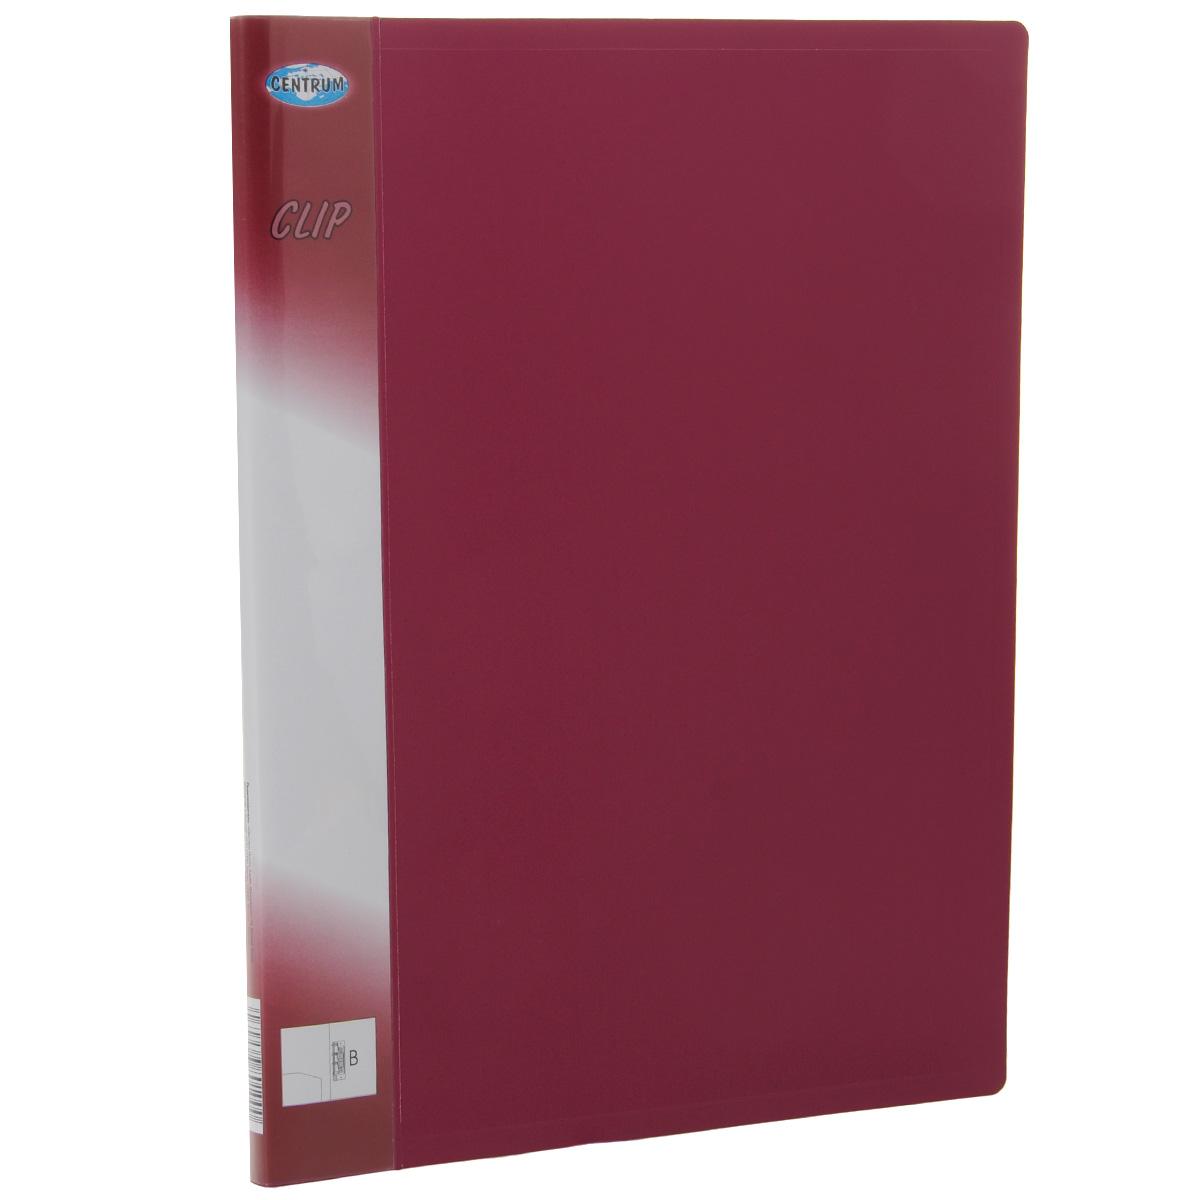 Папка Centrum с боковым зажимом, цвет: вишневый. Формат А4, клип B80100СПапка с боковым зажимом Centrum - это удобный и практичный офисный инструмент, предназначенный для хранения и транспортировки рабочих бумаг и документов формата А4. Папка изготовлена из непрозрачного плотного пластика и имеет прочный металлический зажим, который не повреждает бумагу. Папка Centrum - это незаменимый атрибут для студента, школьника, офисного работника. Такая папка надежно сохранит ваши документы и сбережет их от повреждений, пыли и влаги.